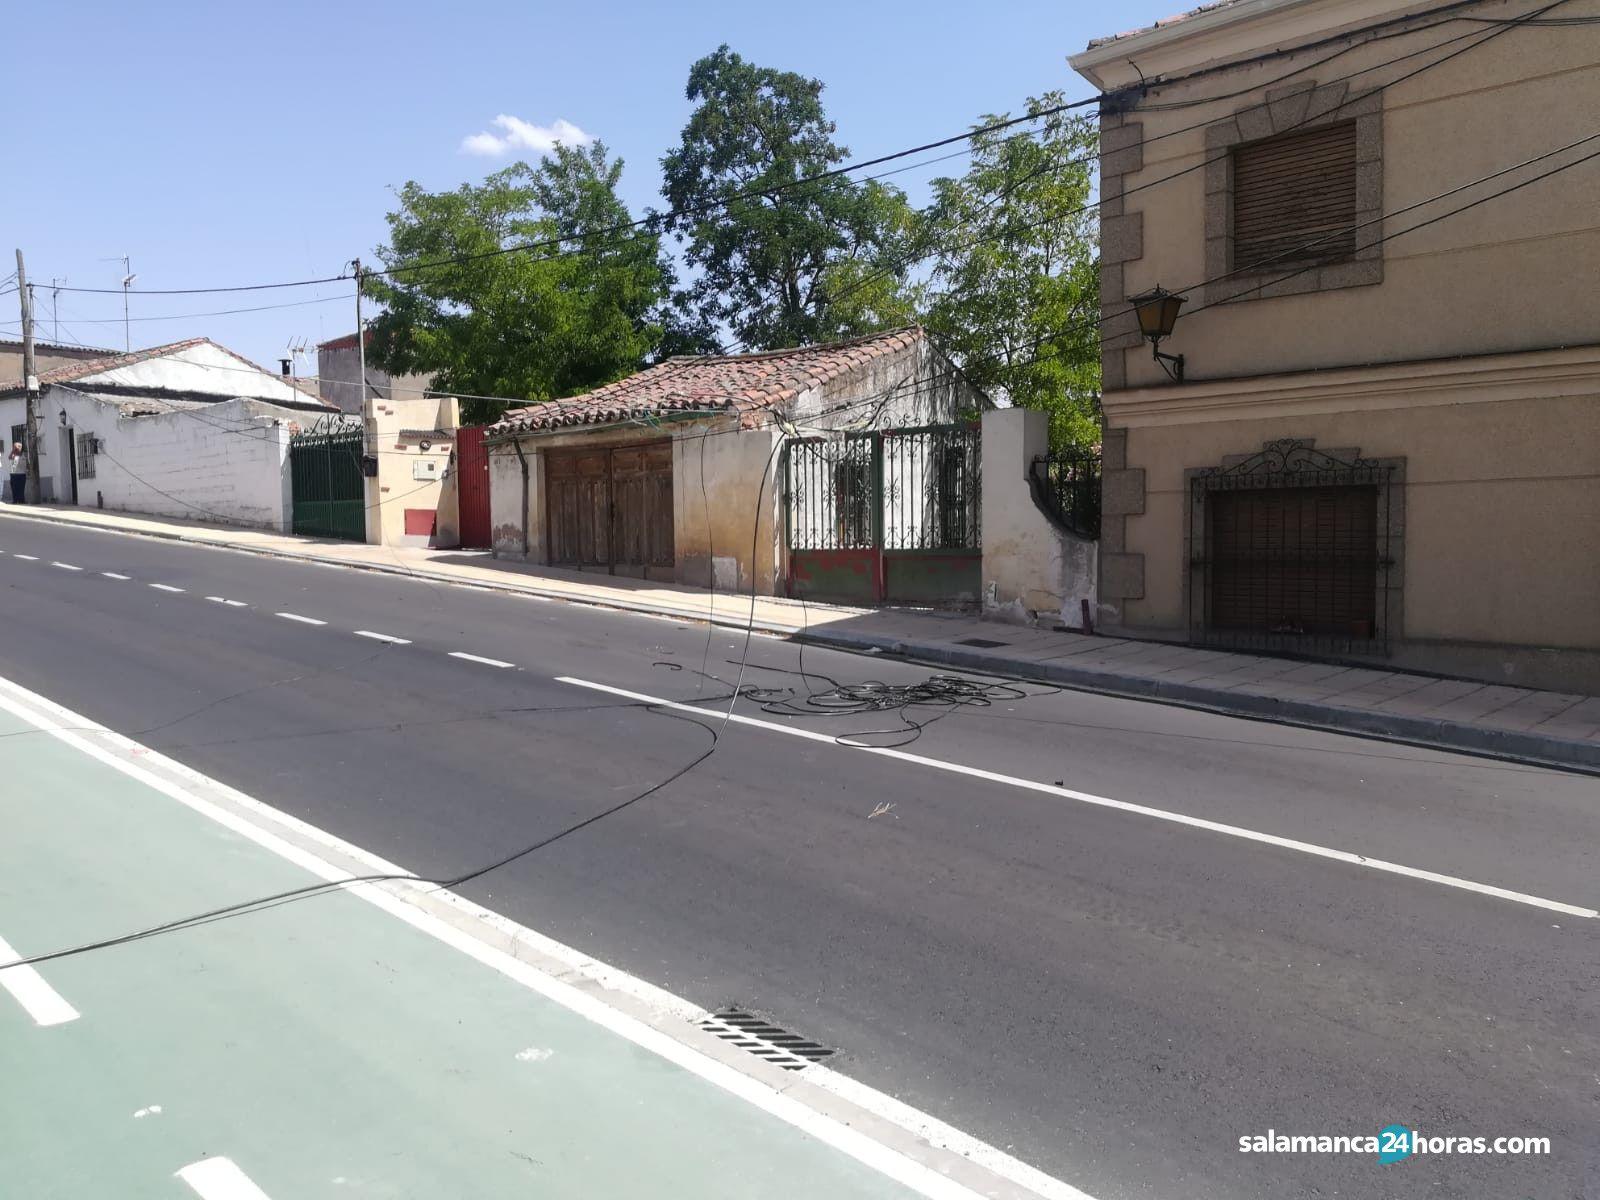 Carretera de Cabrerizos (2)